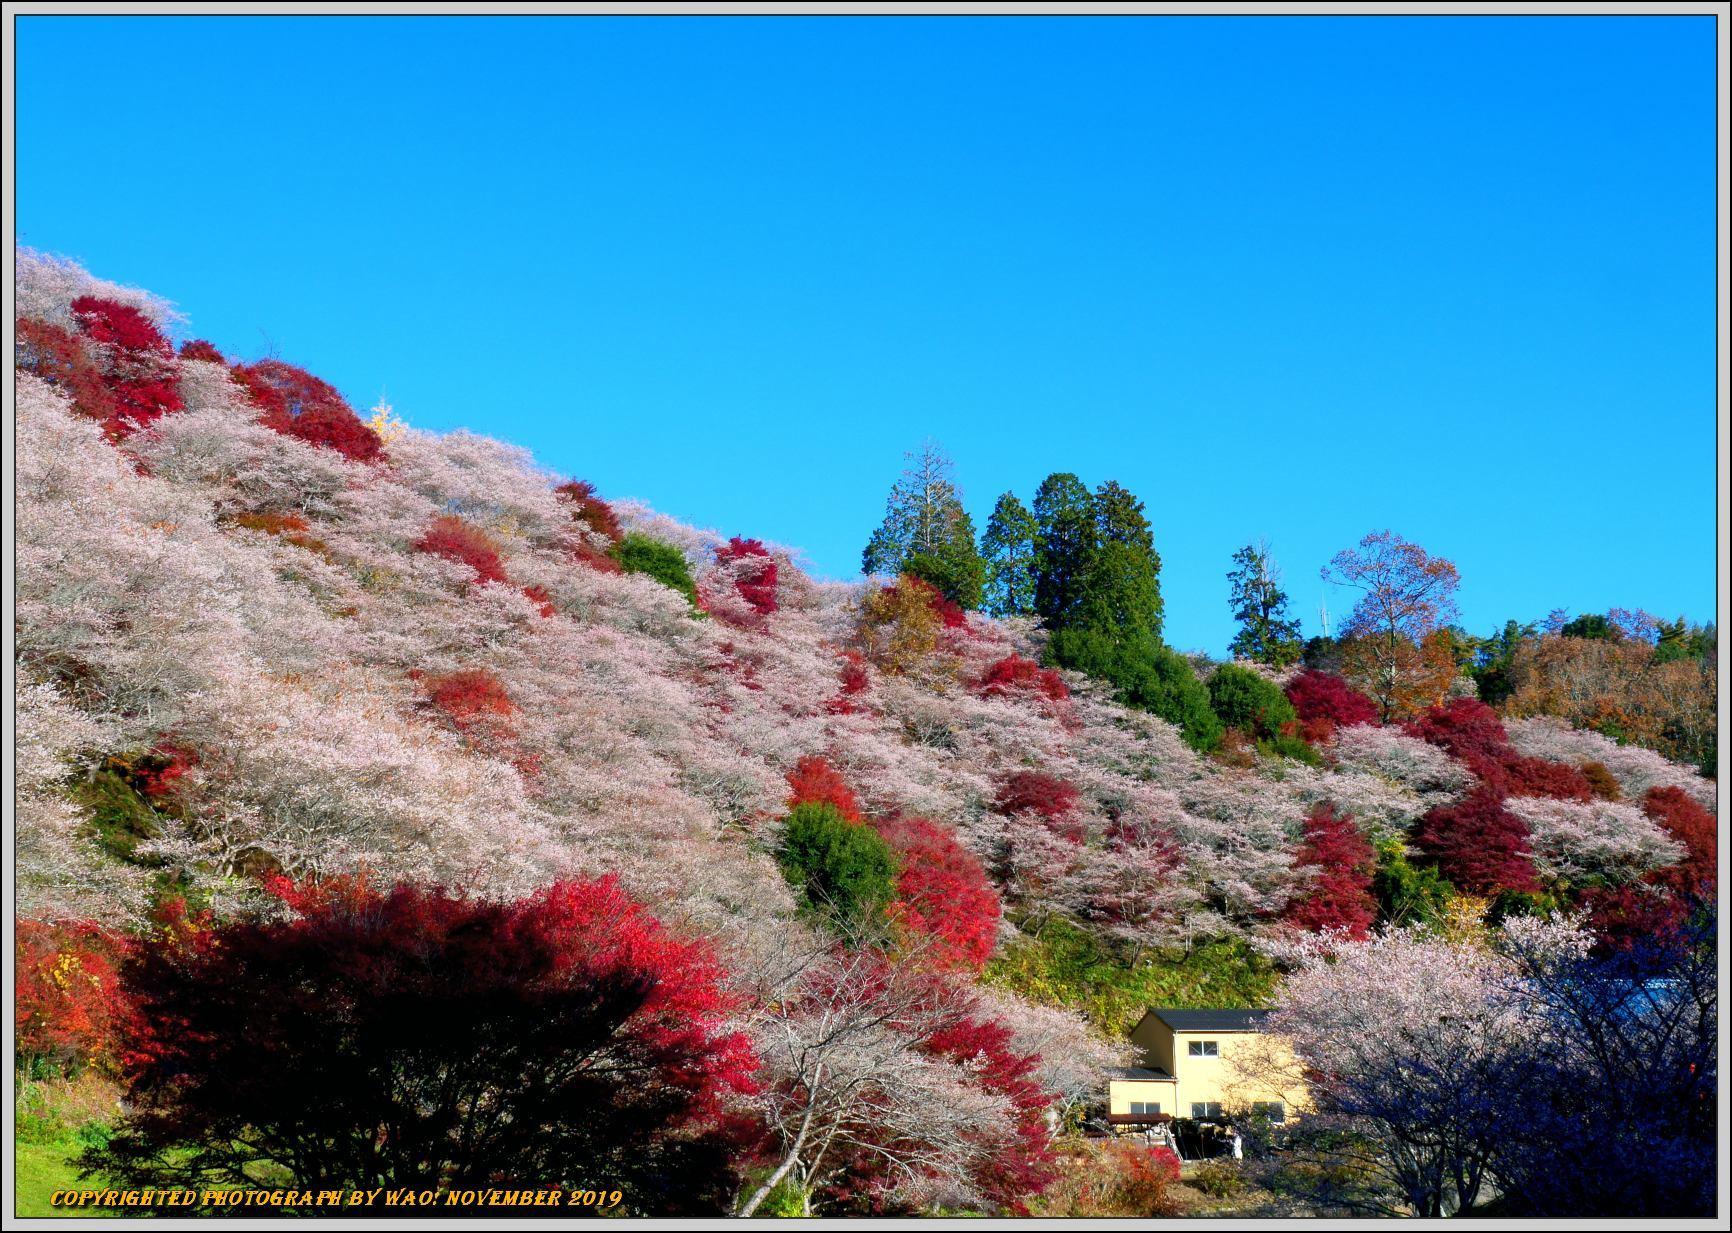 四季桜とモミジのコラボレーション-1_c0198669_15544750.jpg